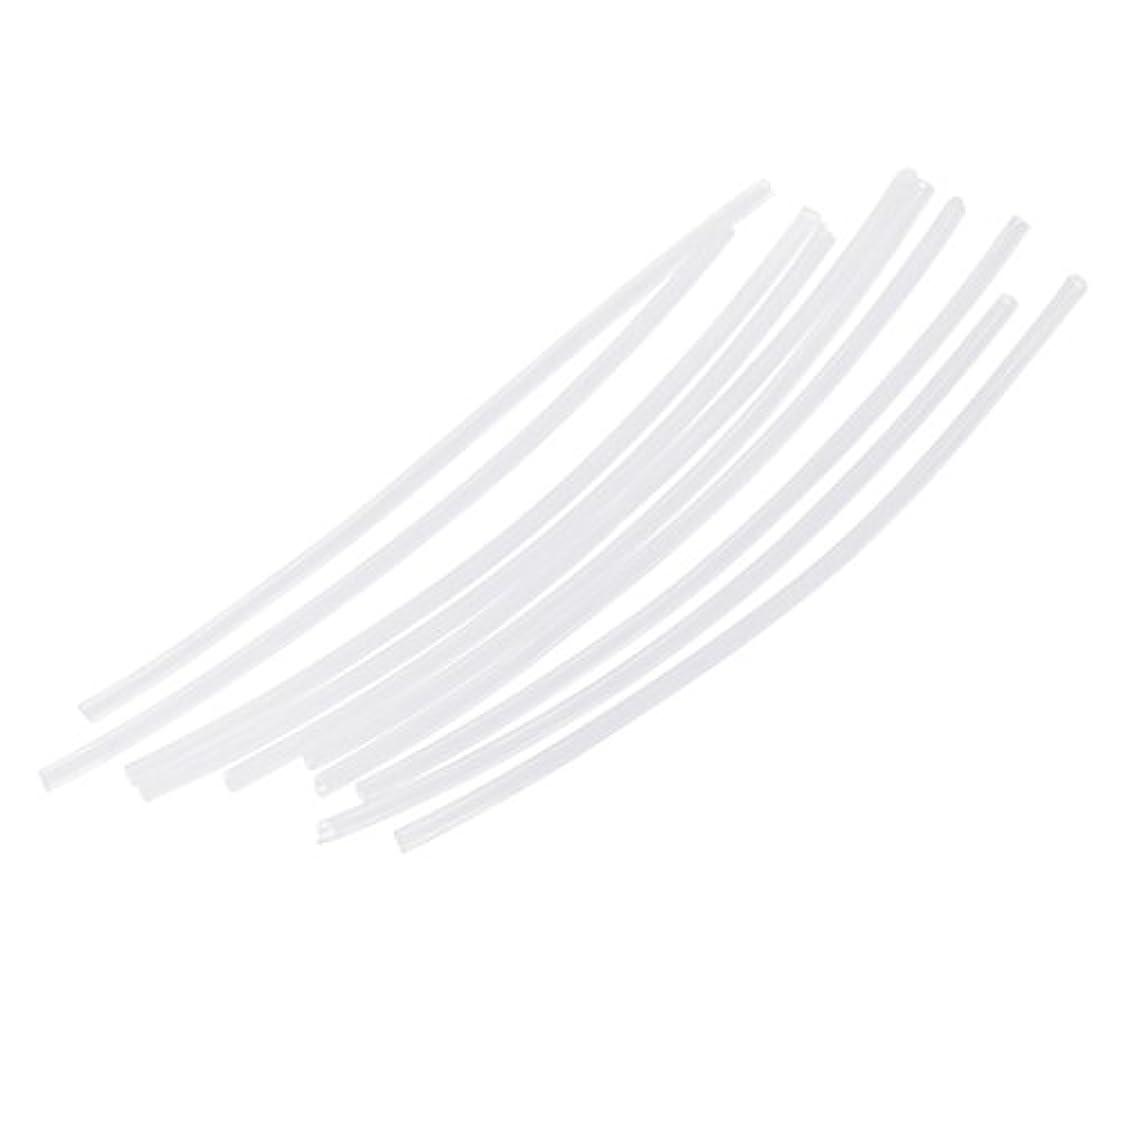 孤独赤外線貫入Perfk リグ チューブ 熱収縮 スリーブ スイベル 保護 コネクタ 10本セット 全3色 - 白